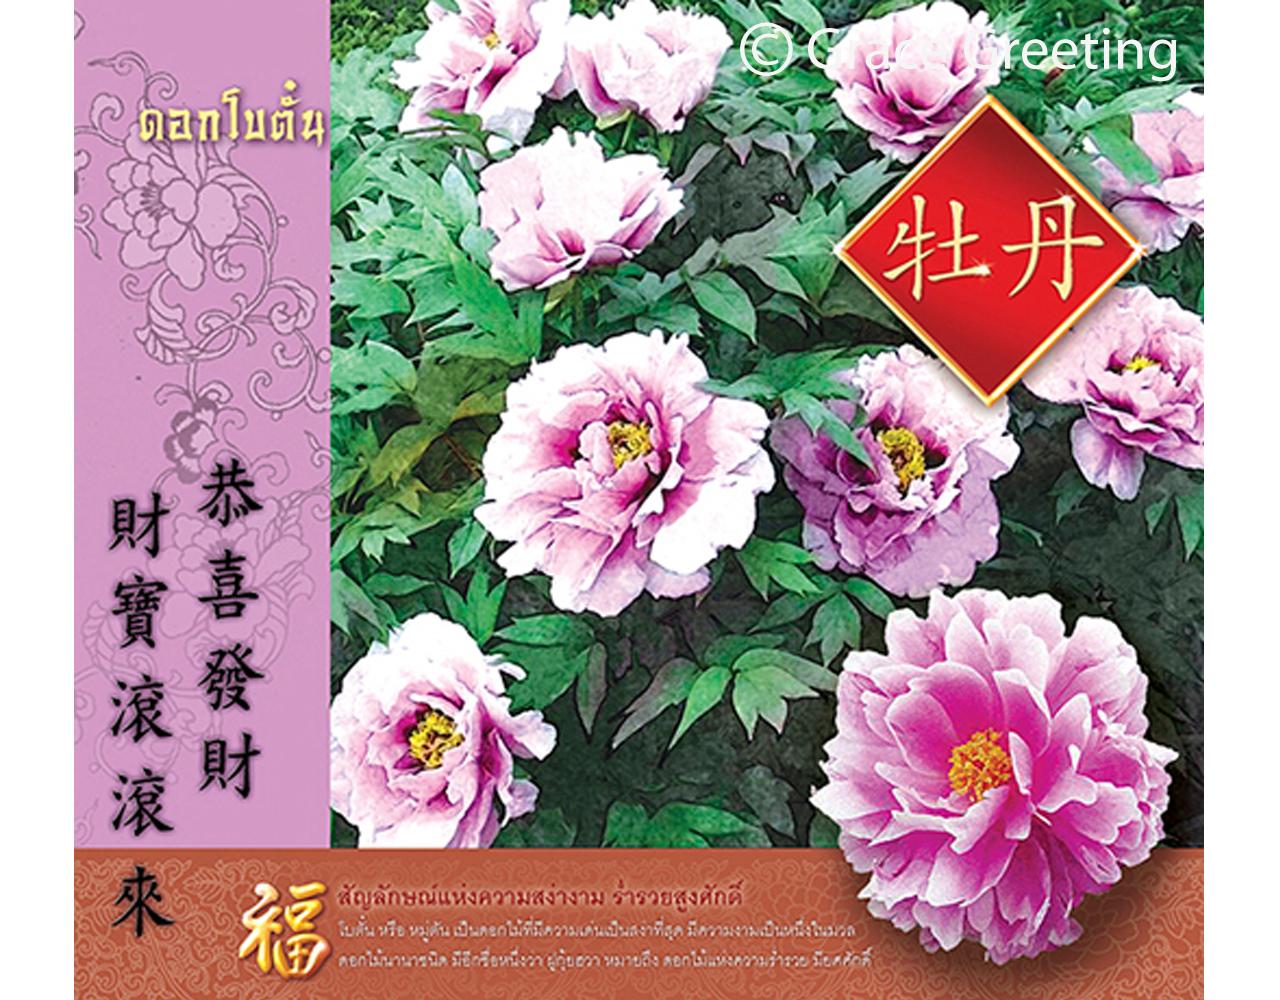 ปฏิทินตั้งโต๊ะ สั่งผลิตดอกไม้มงคล Jun